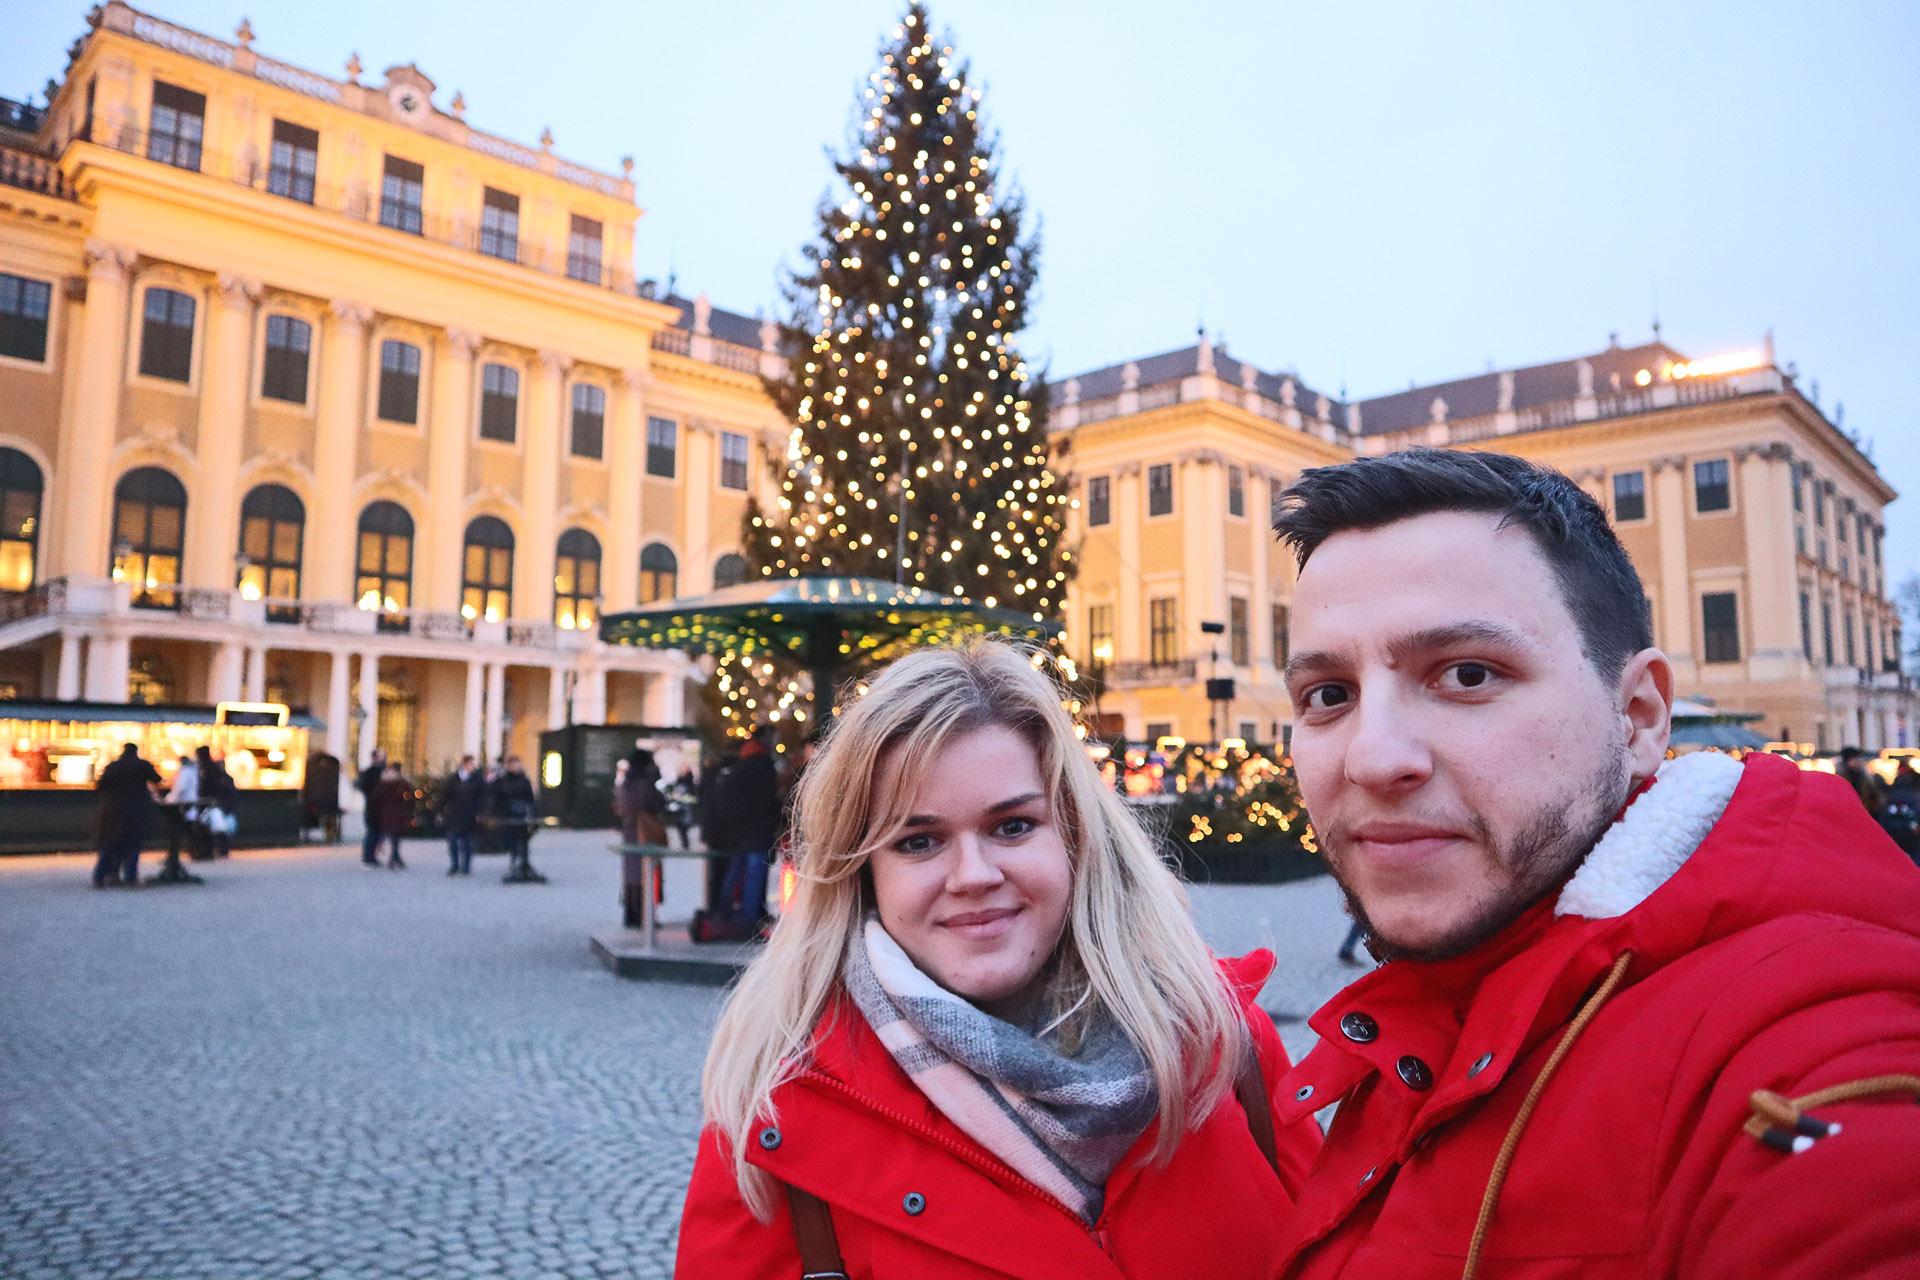 Protejat: Viena și târgurile de Crăciun